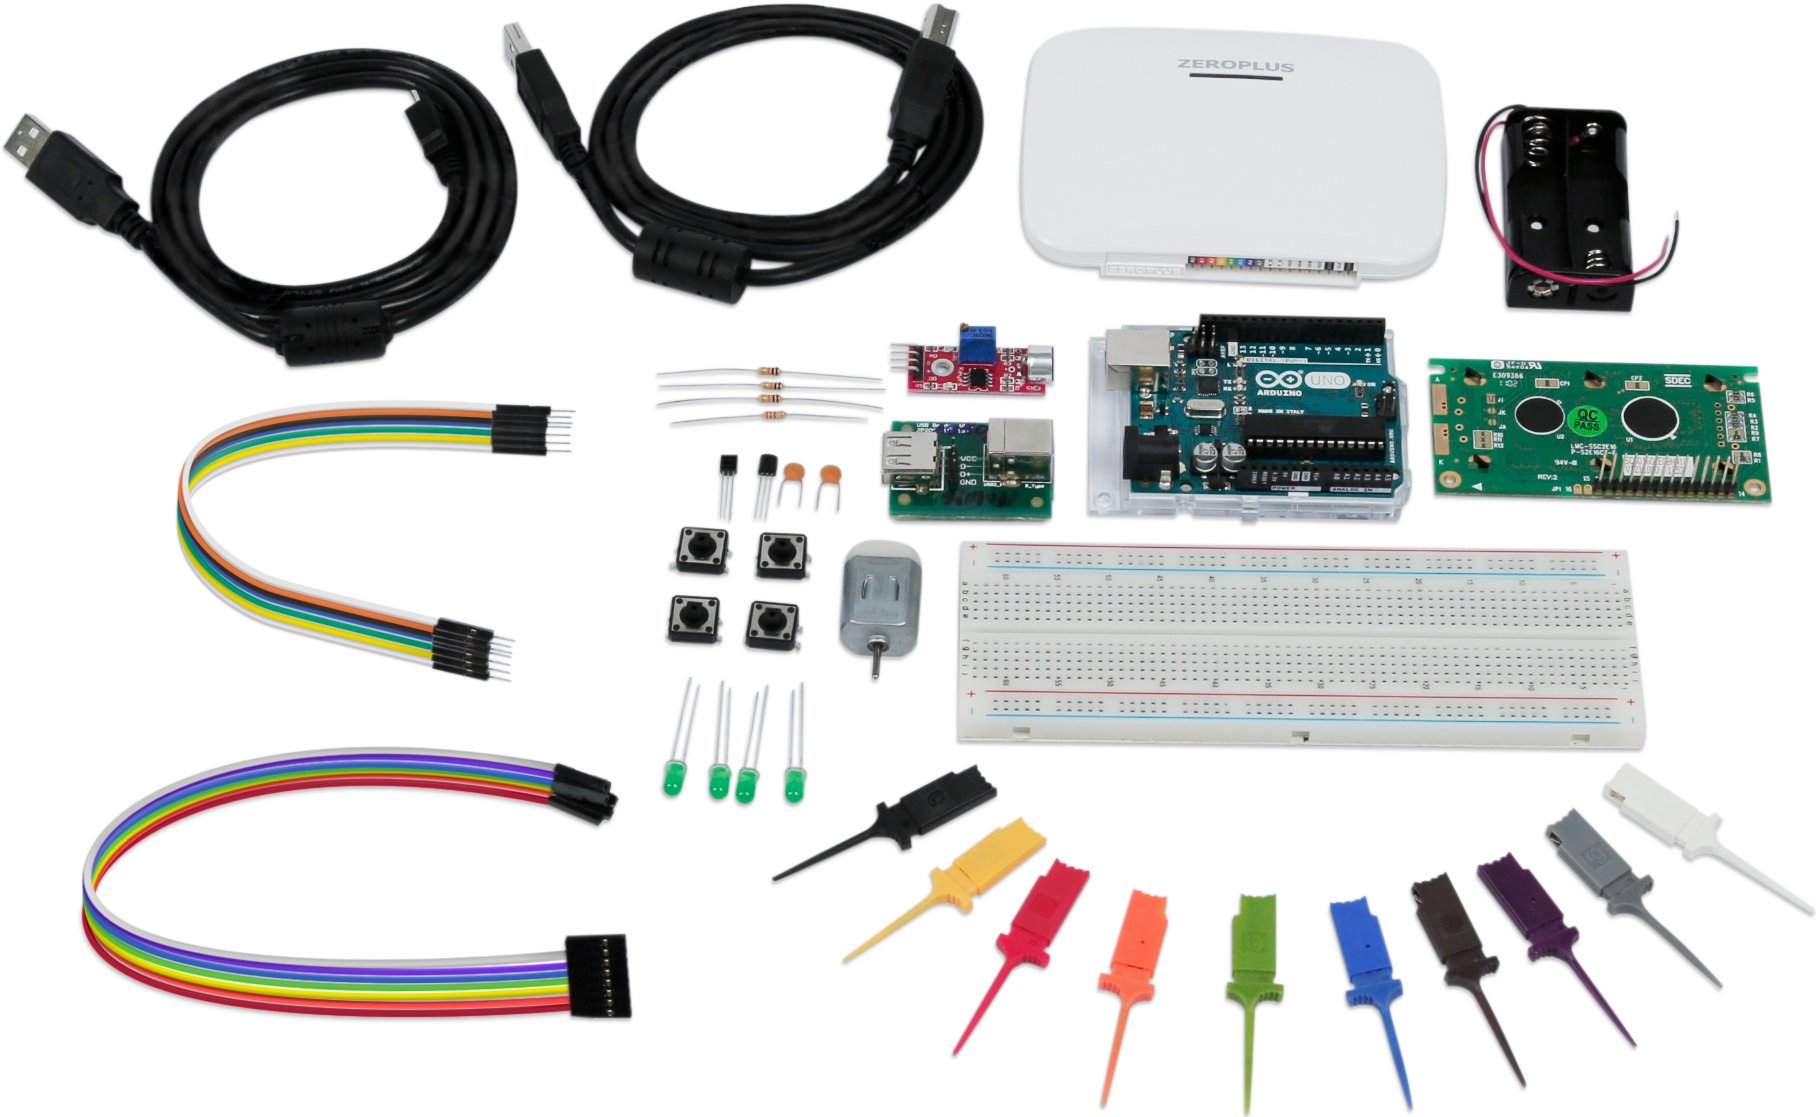 Zeroplus Arduino Starter Kit with Logic Analyzer